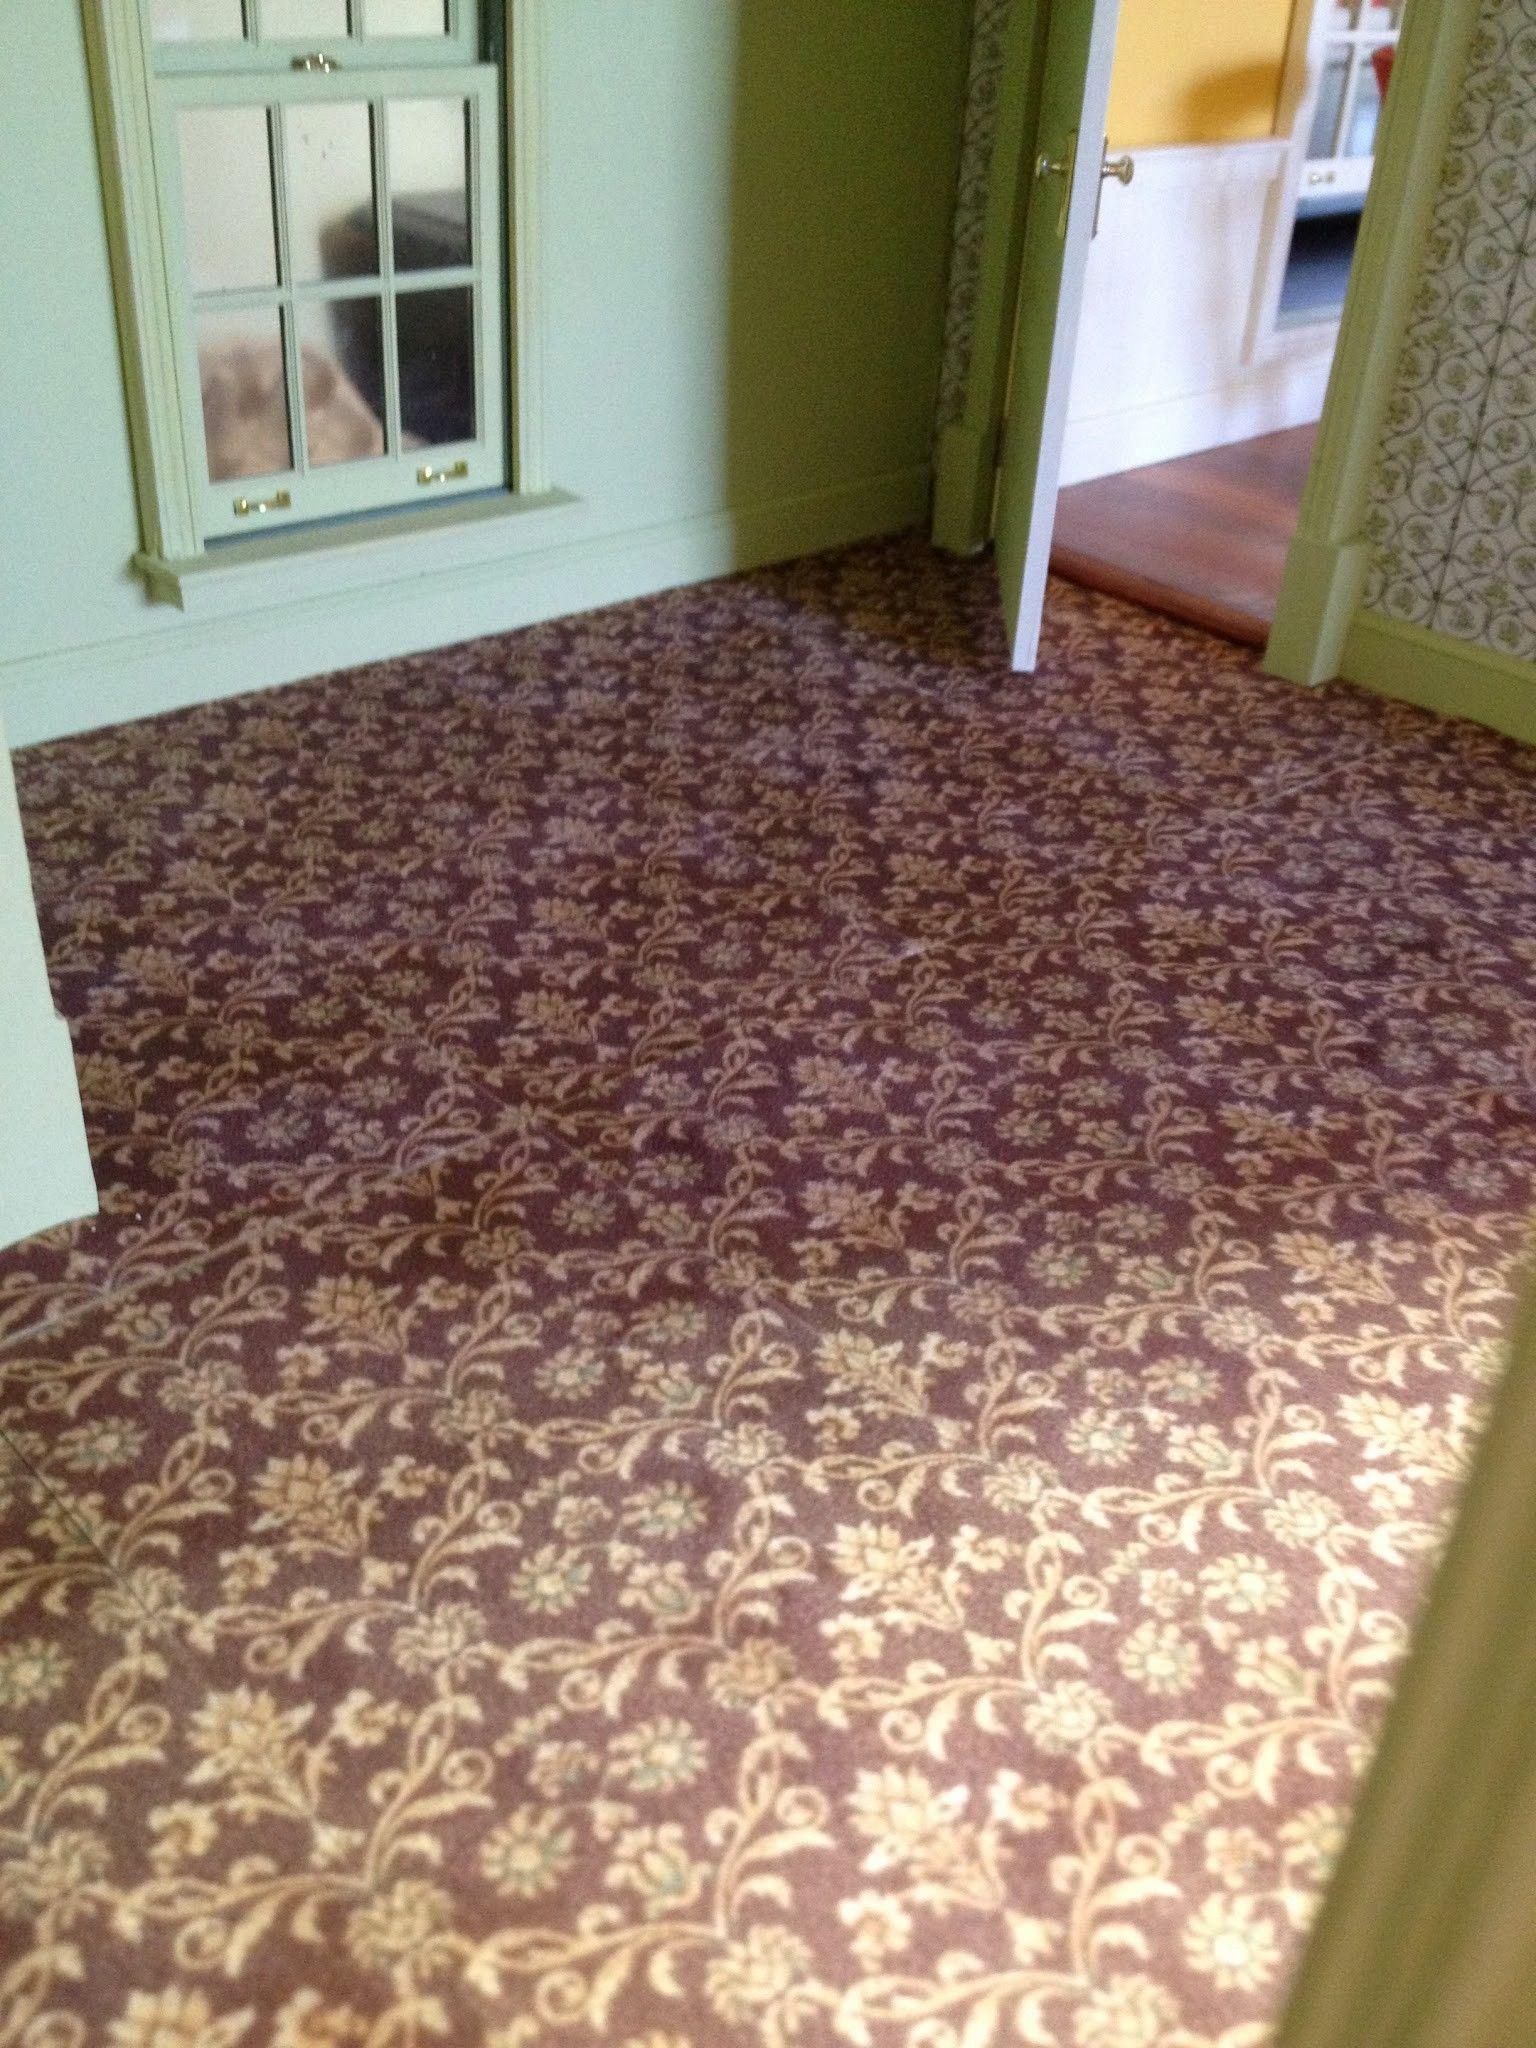 Making Your Own Carpet Tut Printing On Flocked Or Velvet